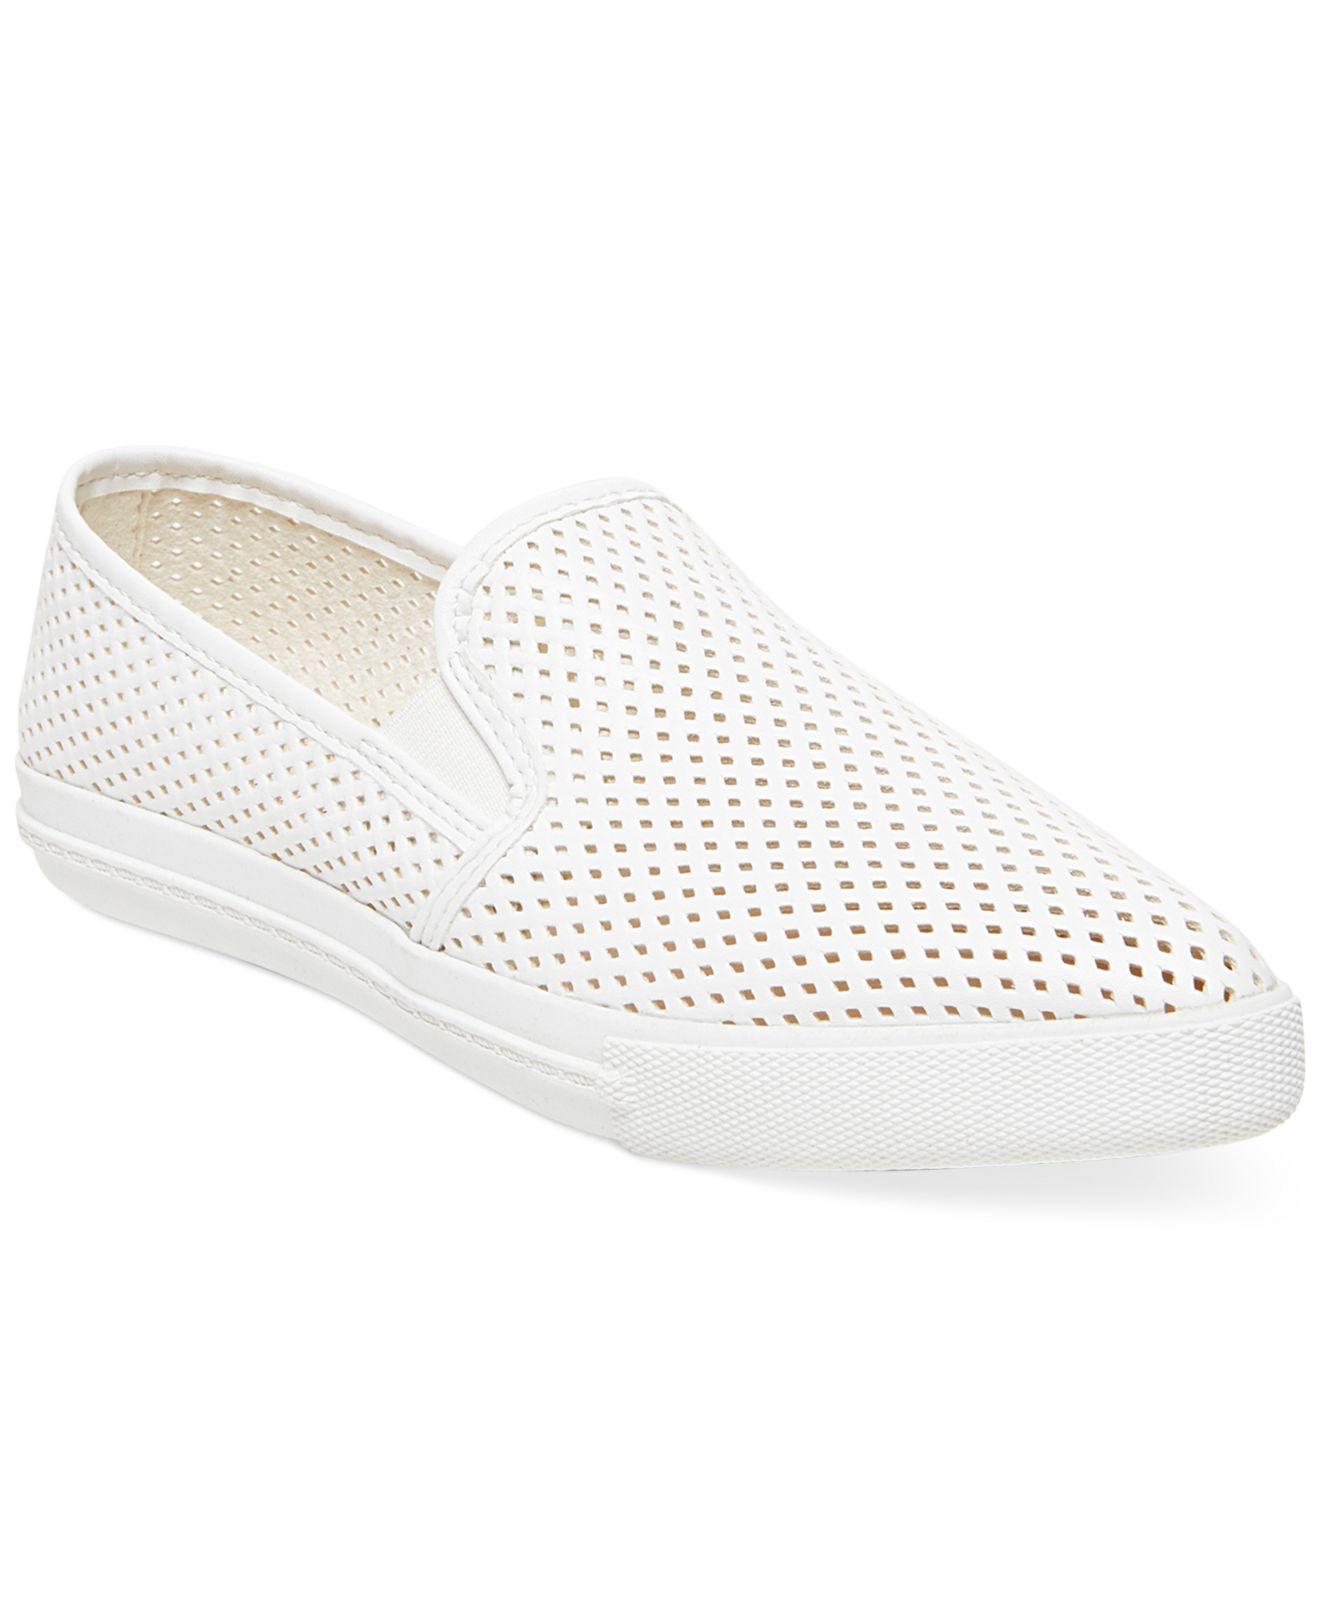 49131d5f6b0 Lyst - Steve Madden Women S Virggo Slip-On Sneakers in White